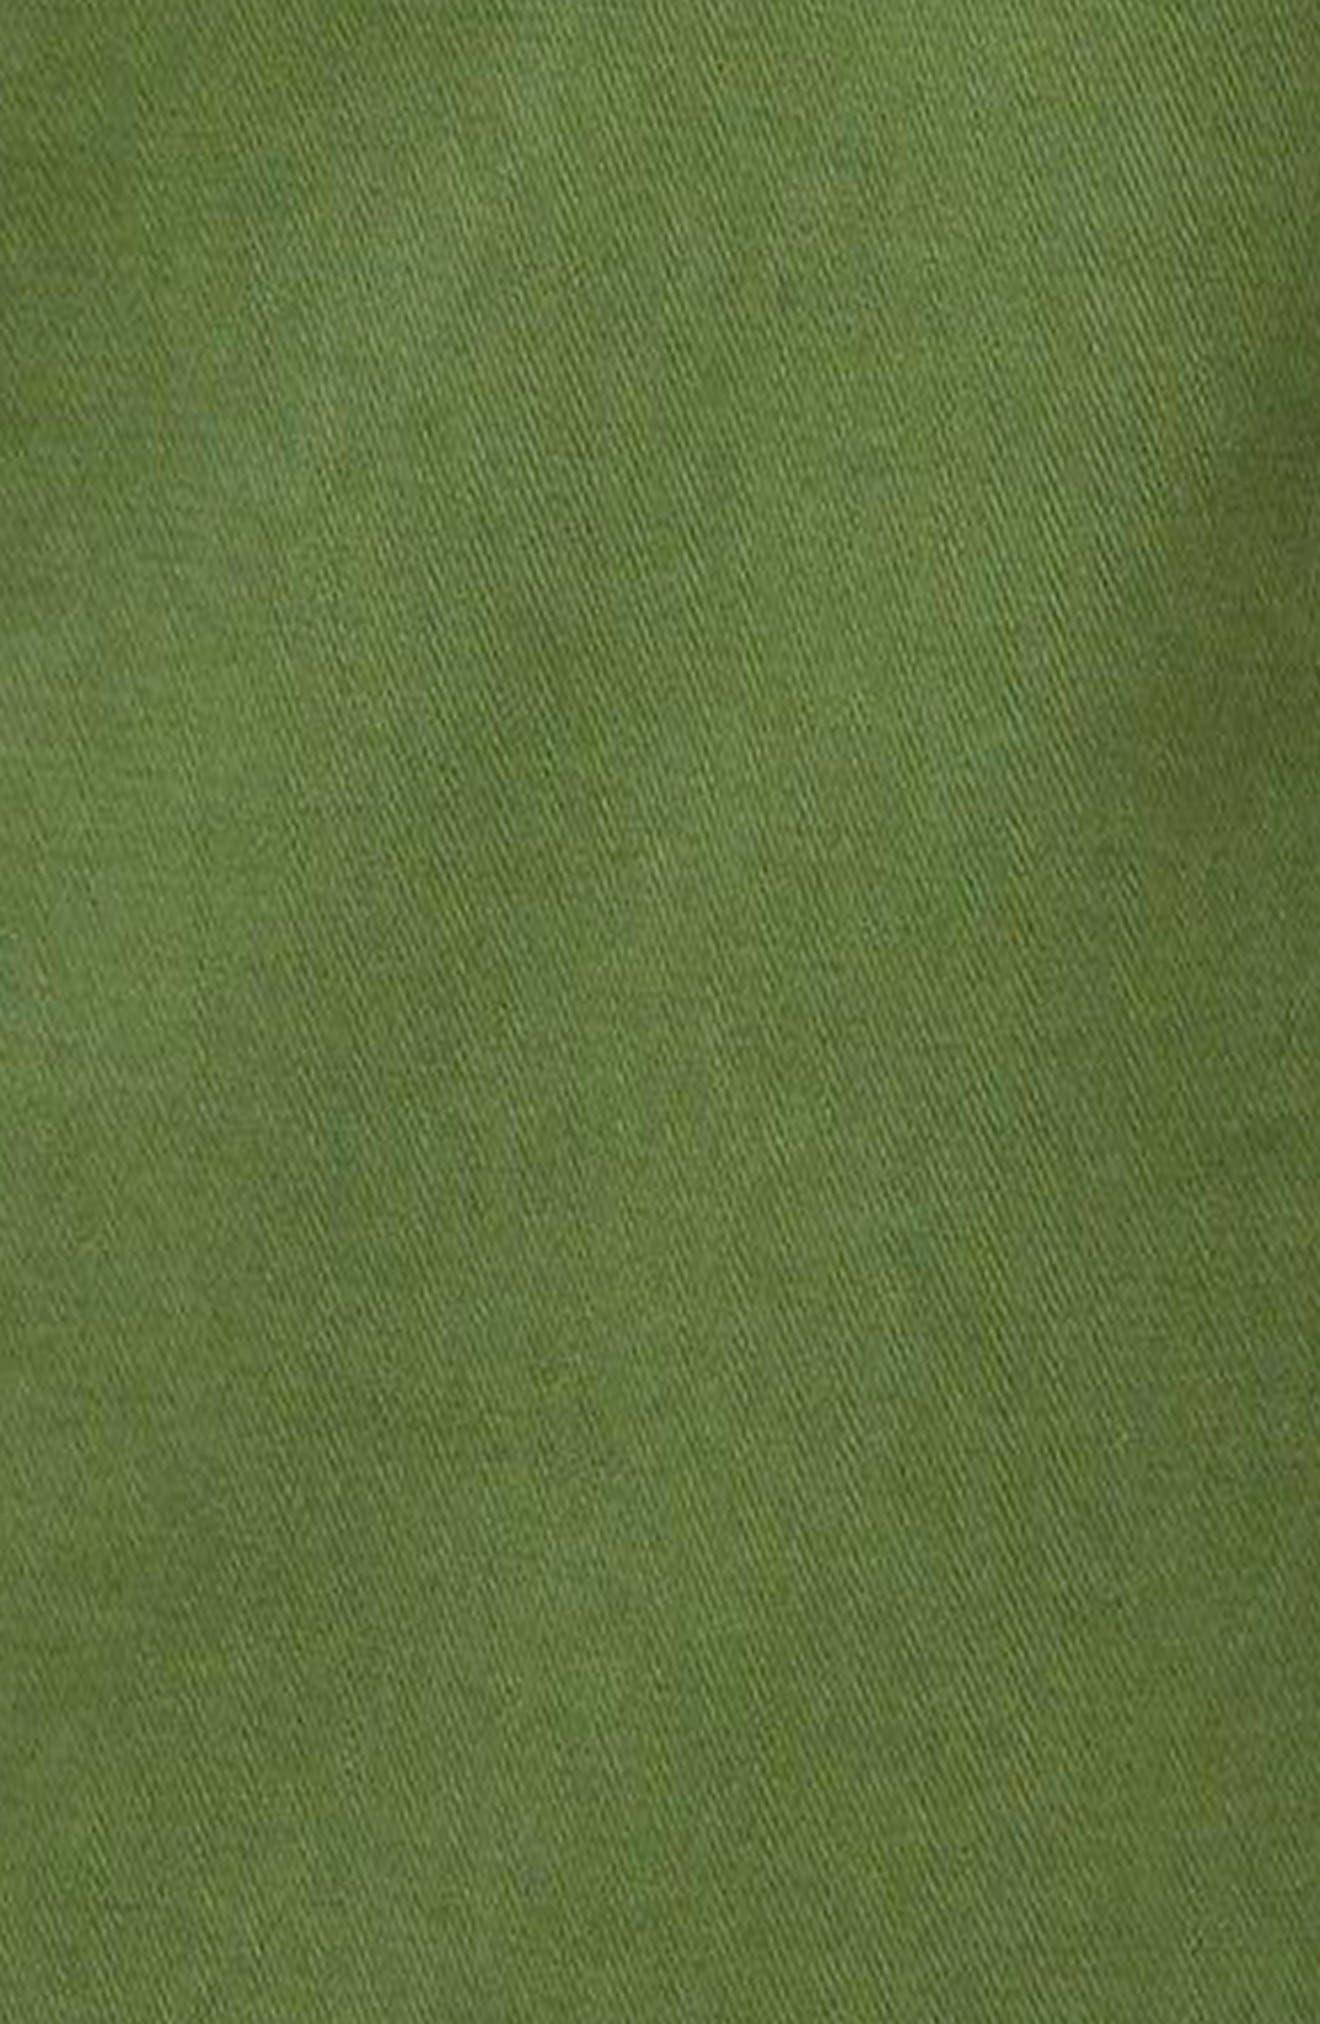 Chino Shorts,                             Main thumbnail 1, color,                             315